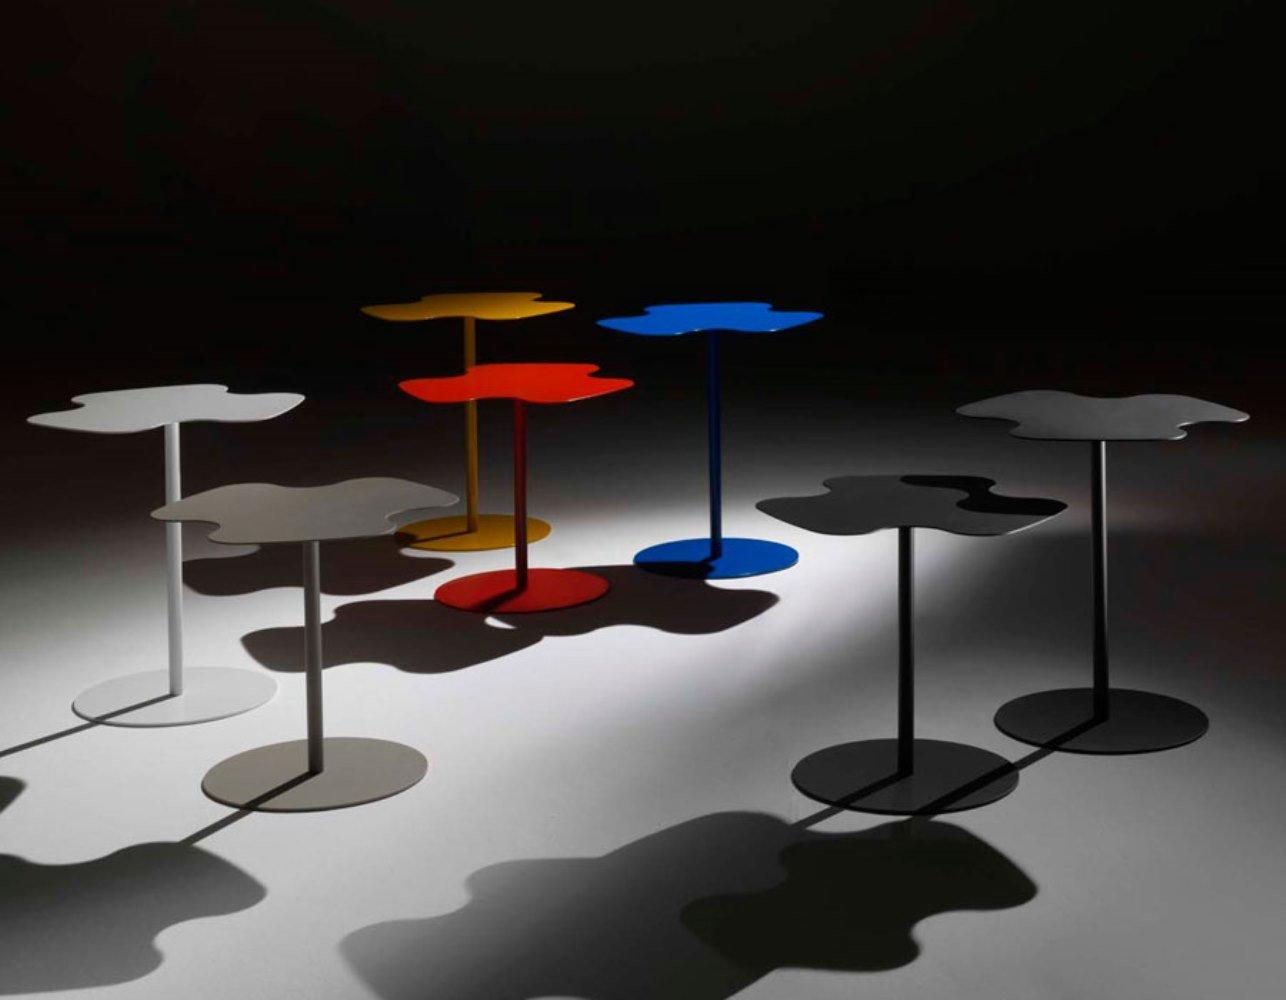 Lookboard 173021 S-M316 Flower Power Side Table, Blue